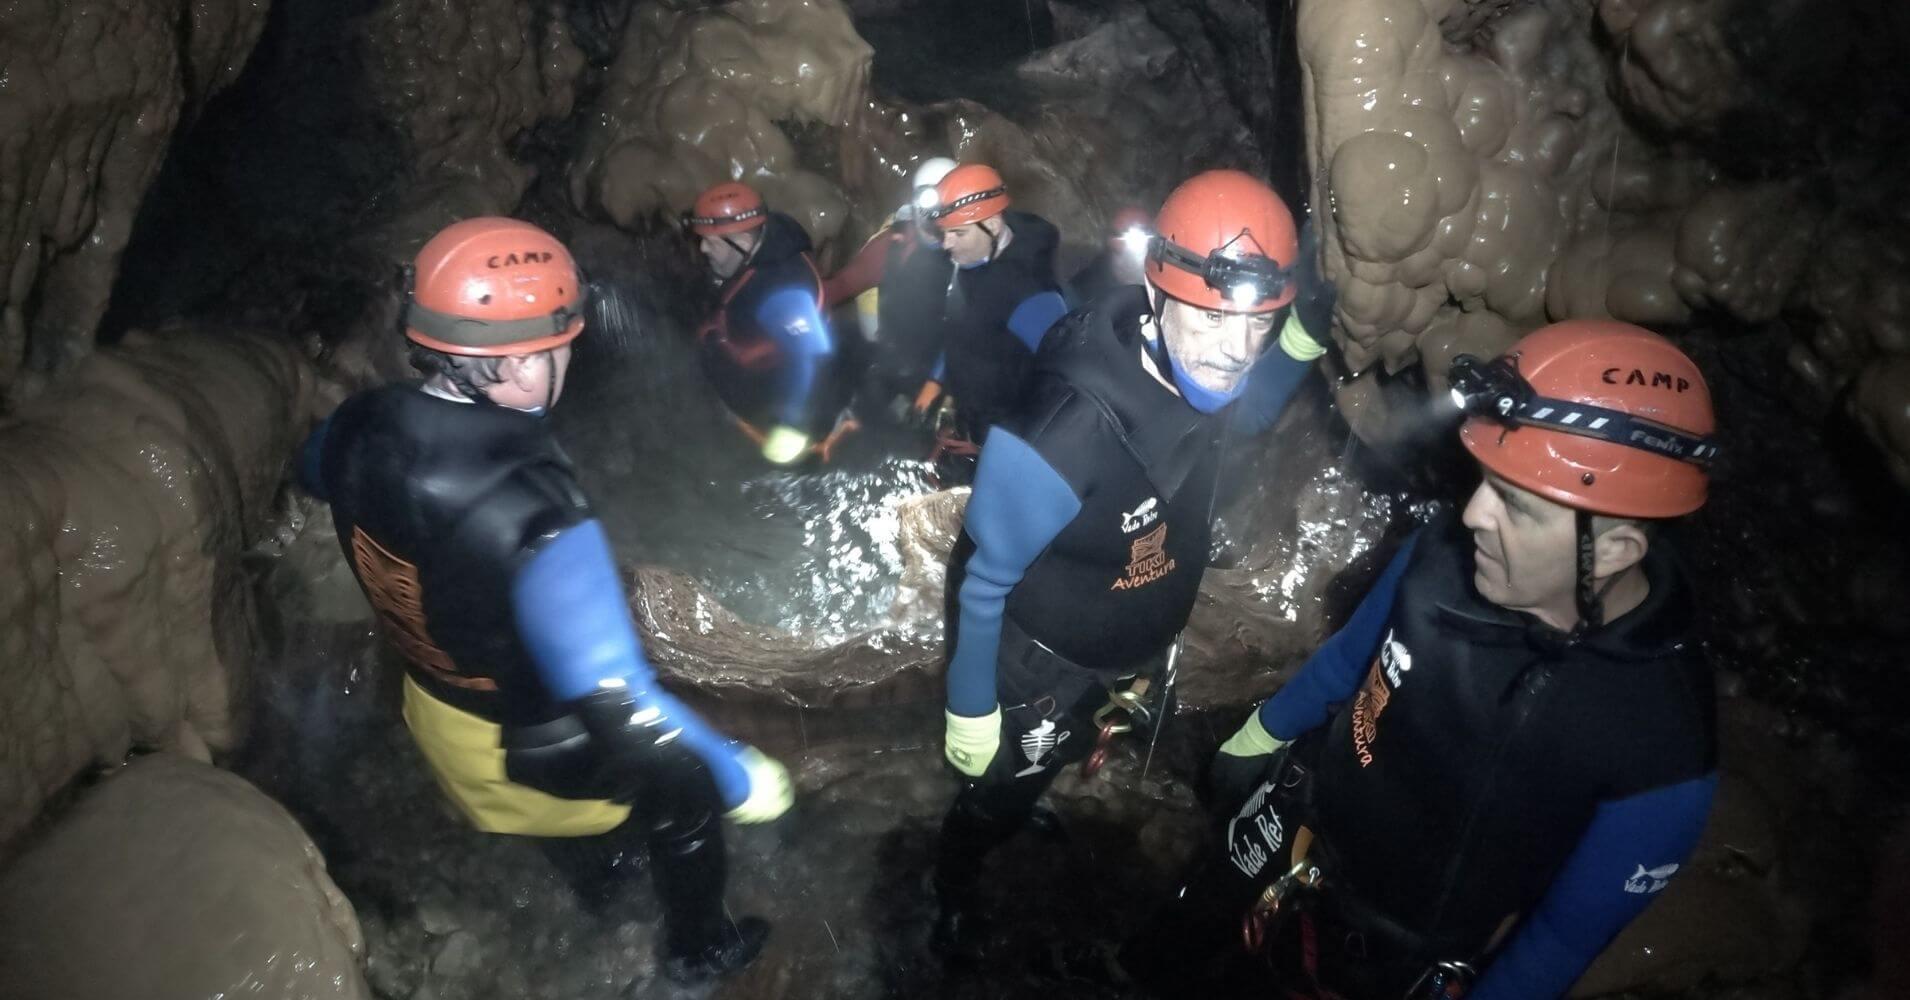 Travesía del Curso de Aguas. Cueva de Valporquero. Valporquero de Torio. León. Castilla y León. España.